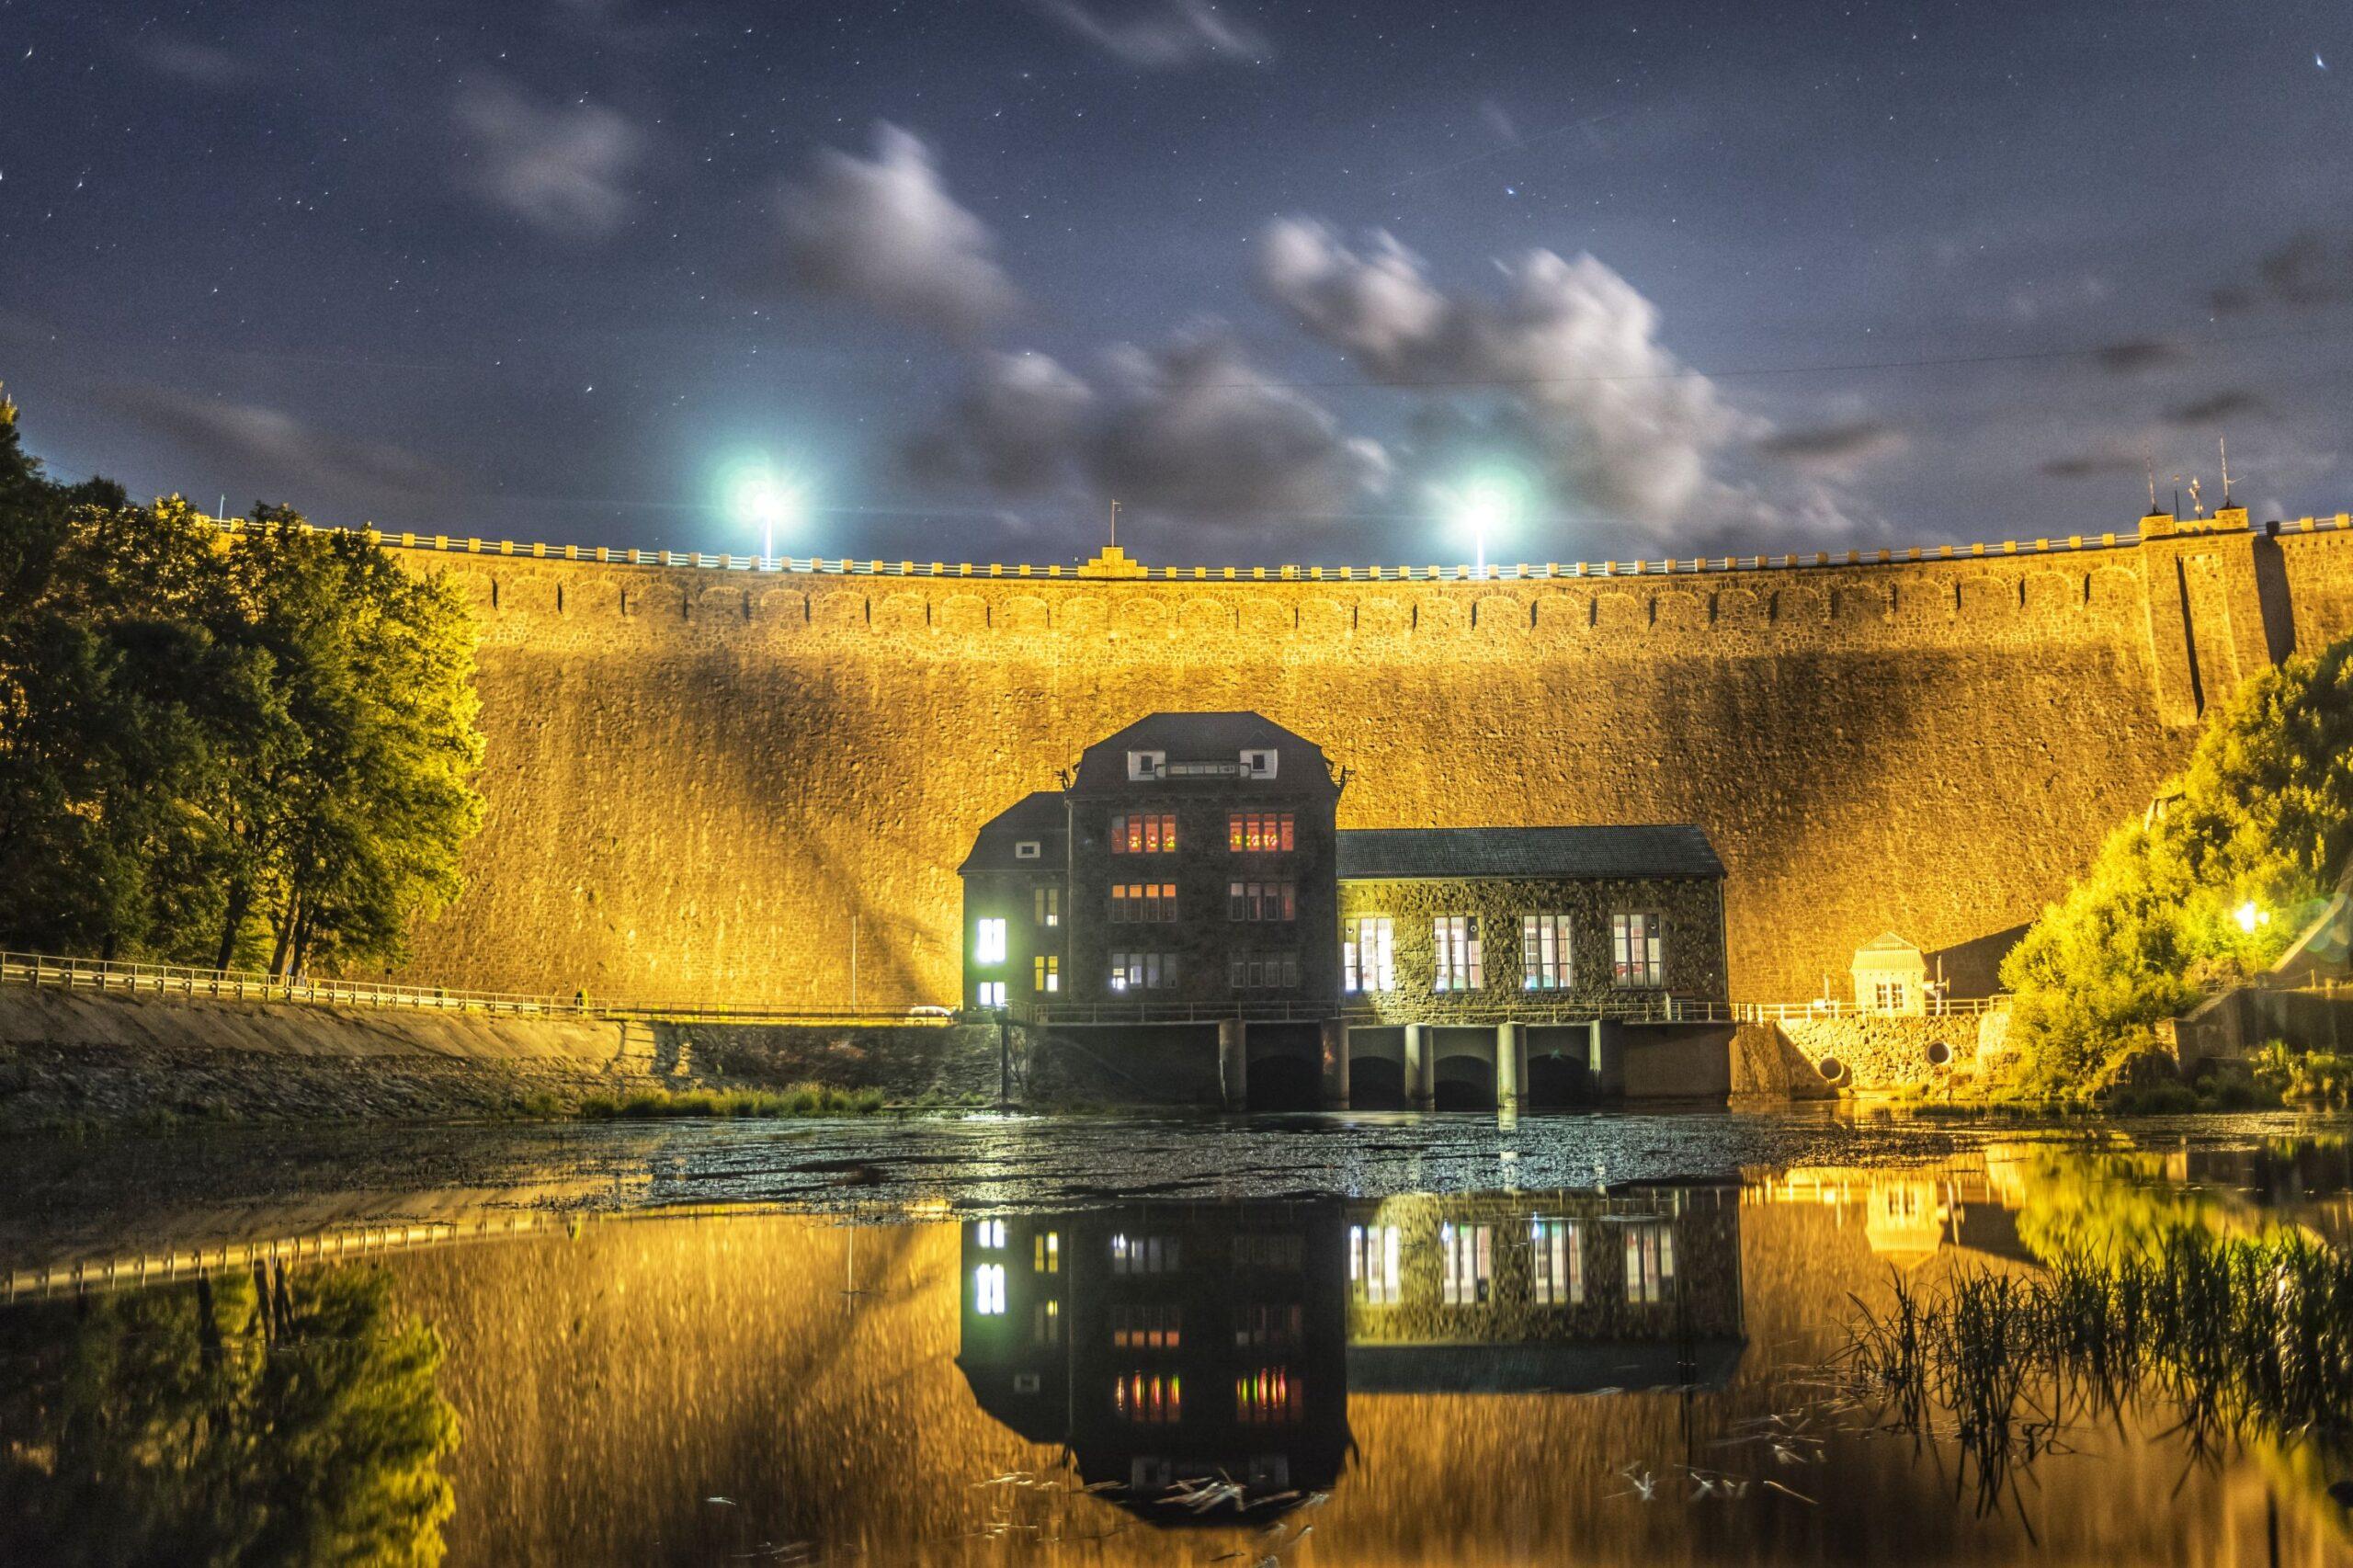 Fotografia Łukasza Wiśniowskiego przedstawia budynek elektrowni na tle zapory na jeziorze pilchowickim